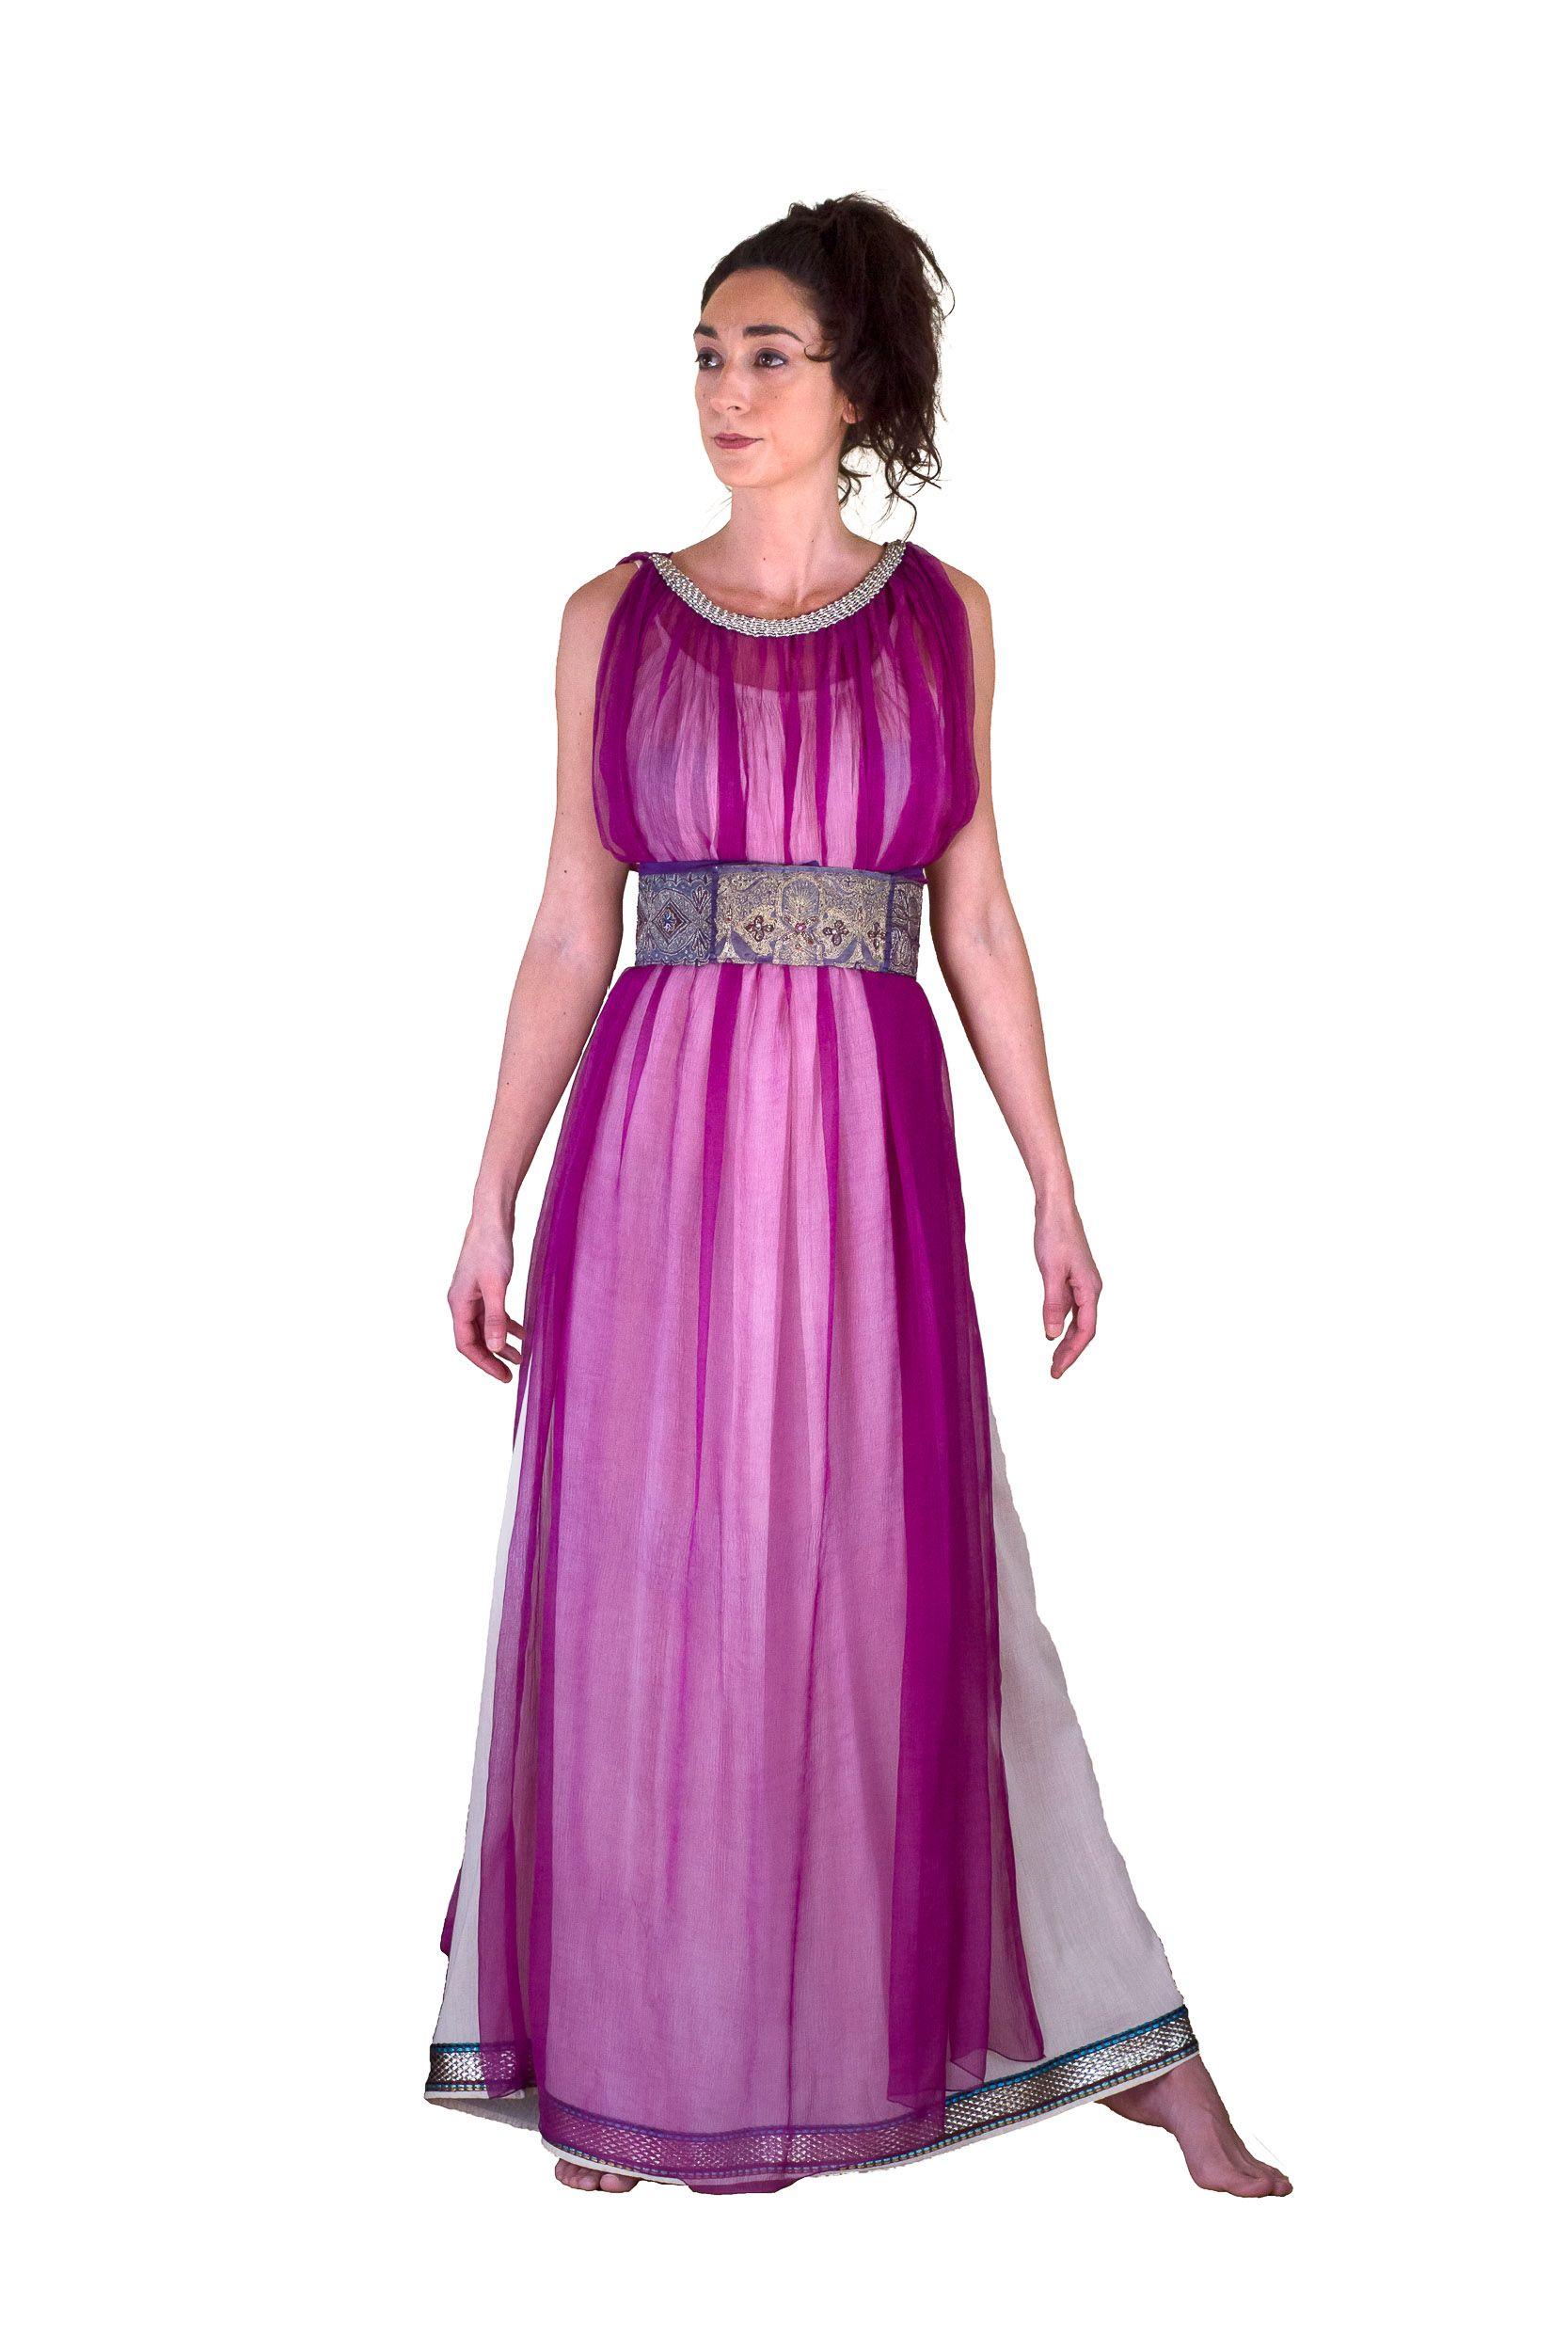 Vestimenta romana Galia | Pinterest | Pedreria, Gasa y Romano